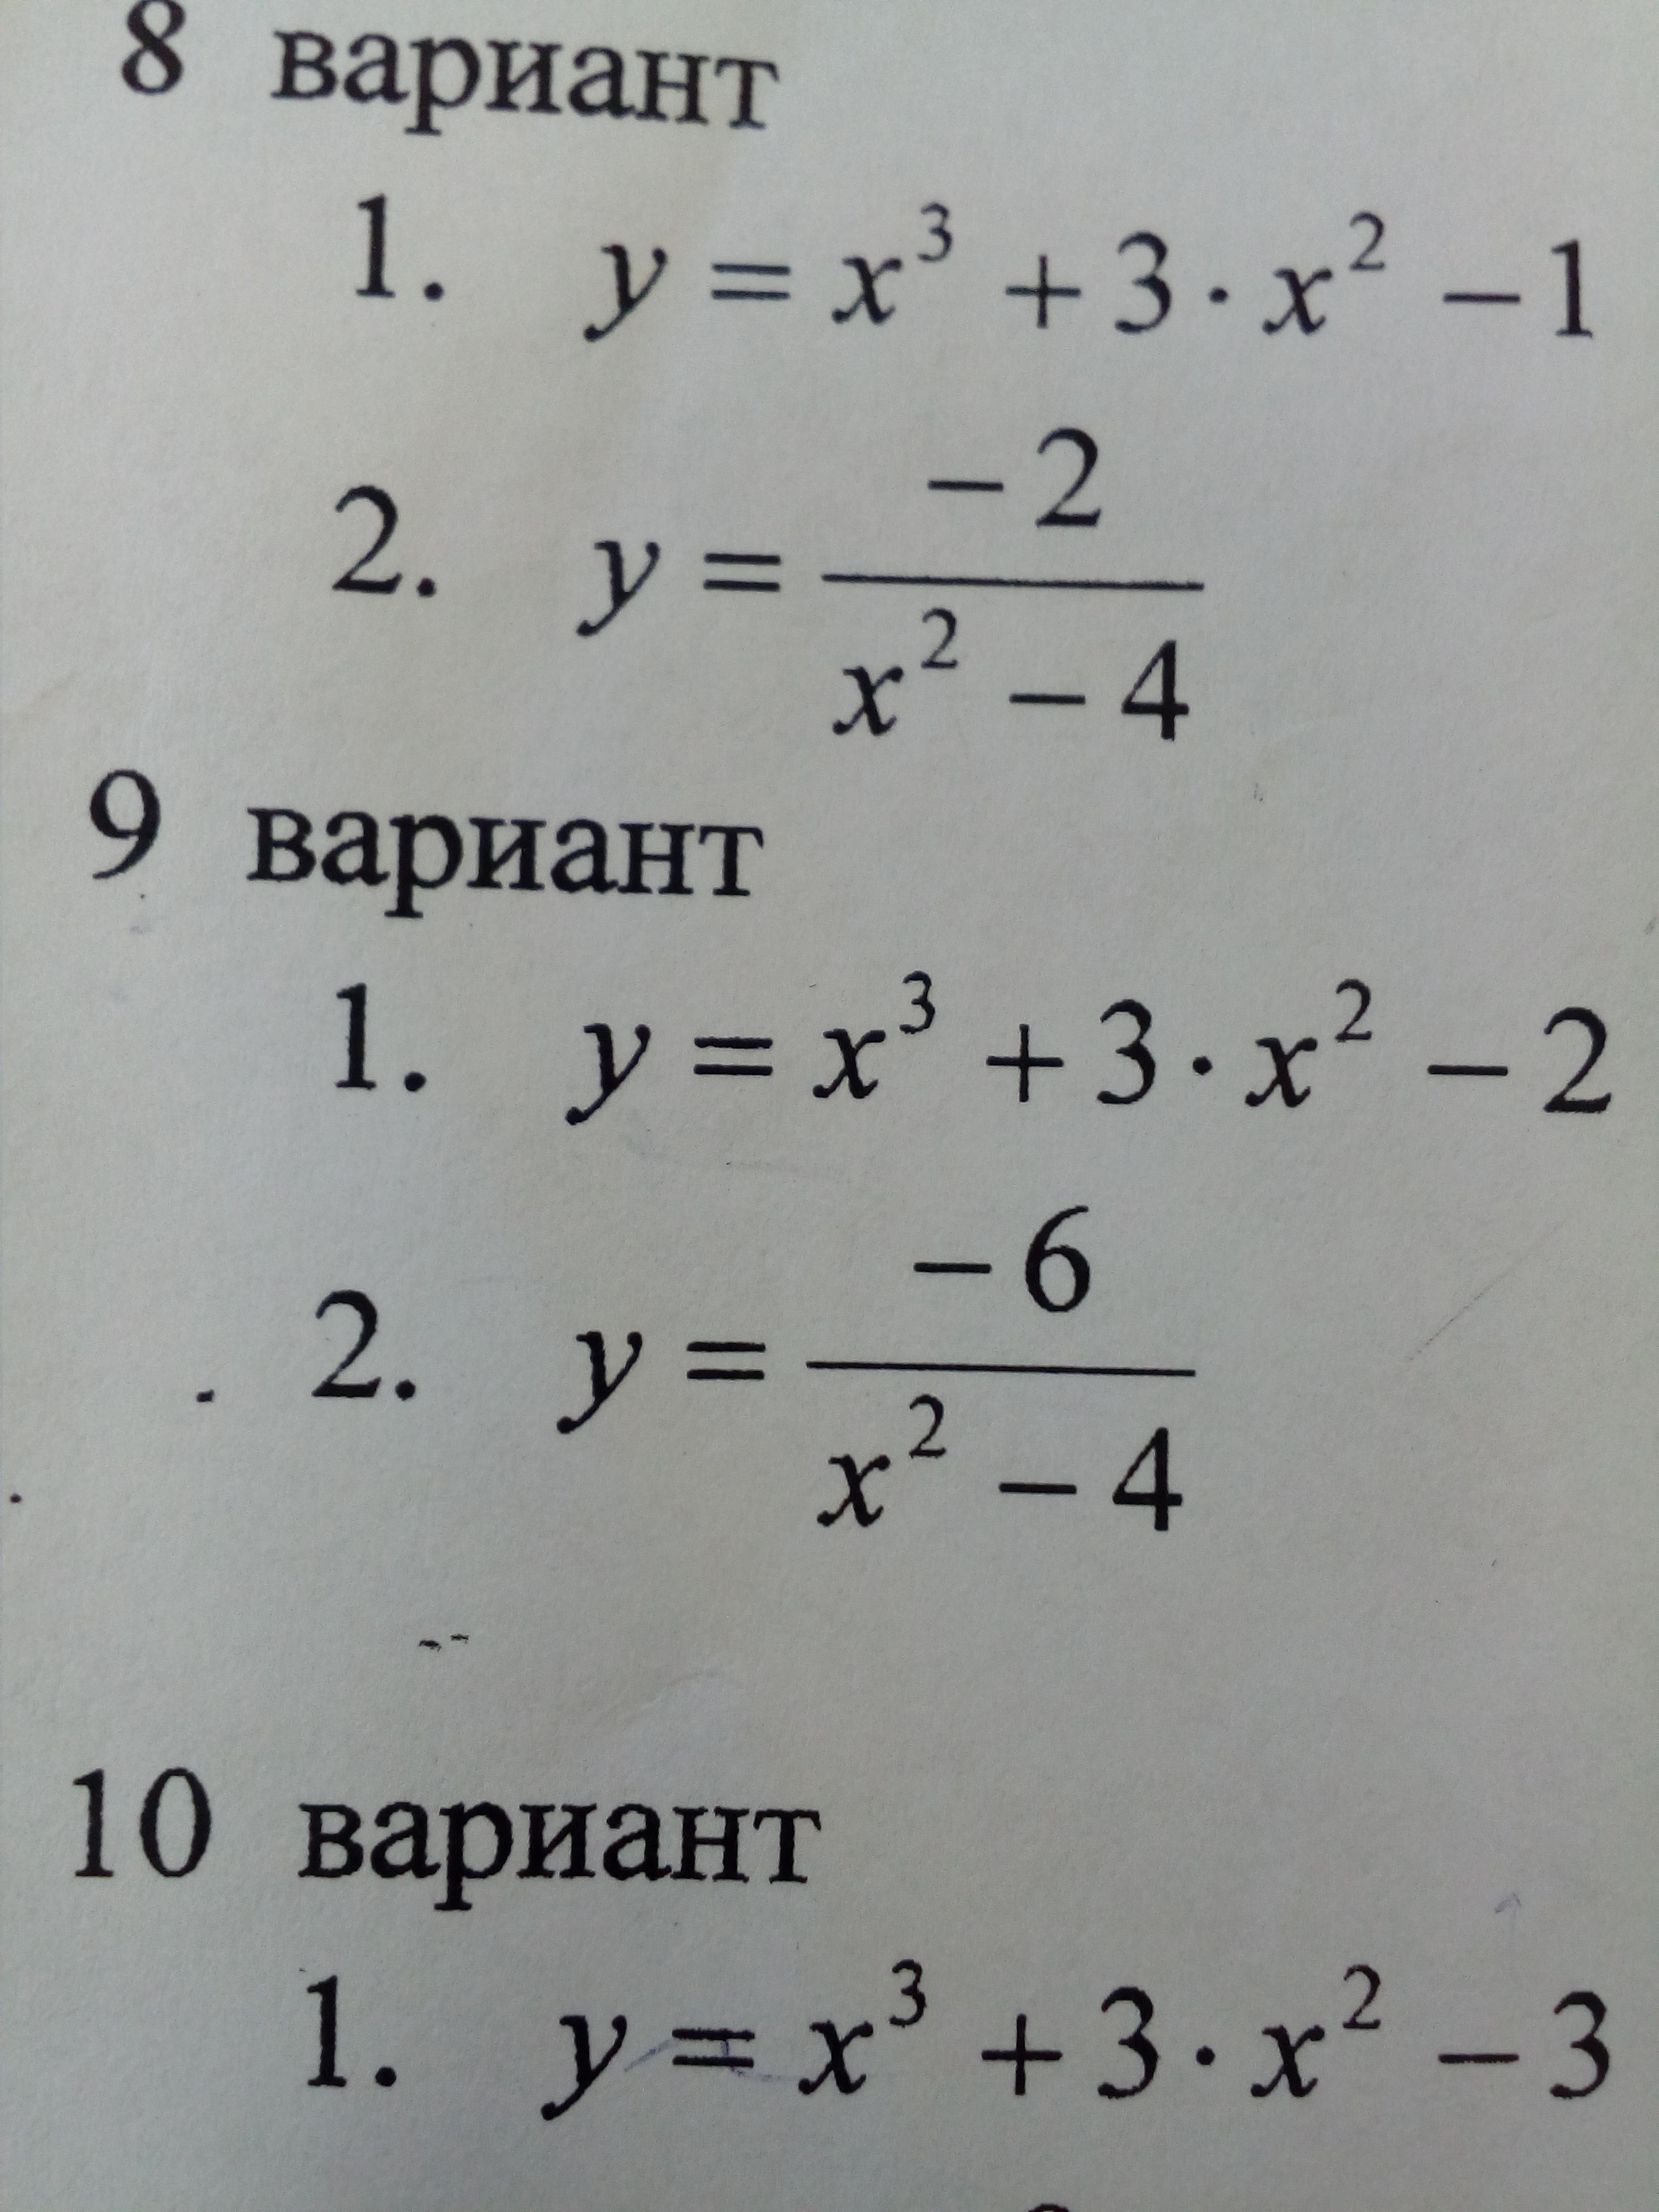 Помогите с математикойИсследуйте функцию с помощью